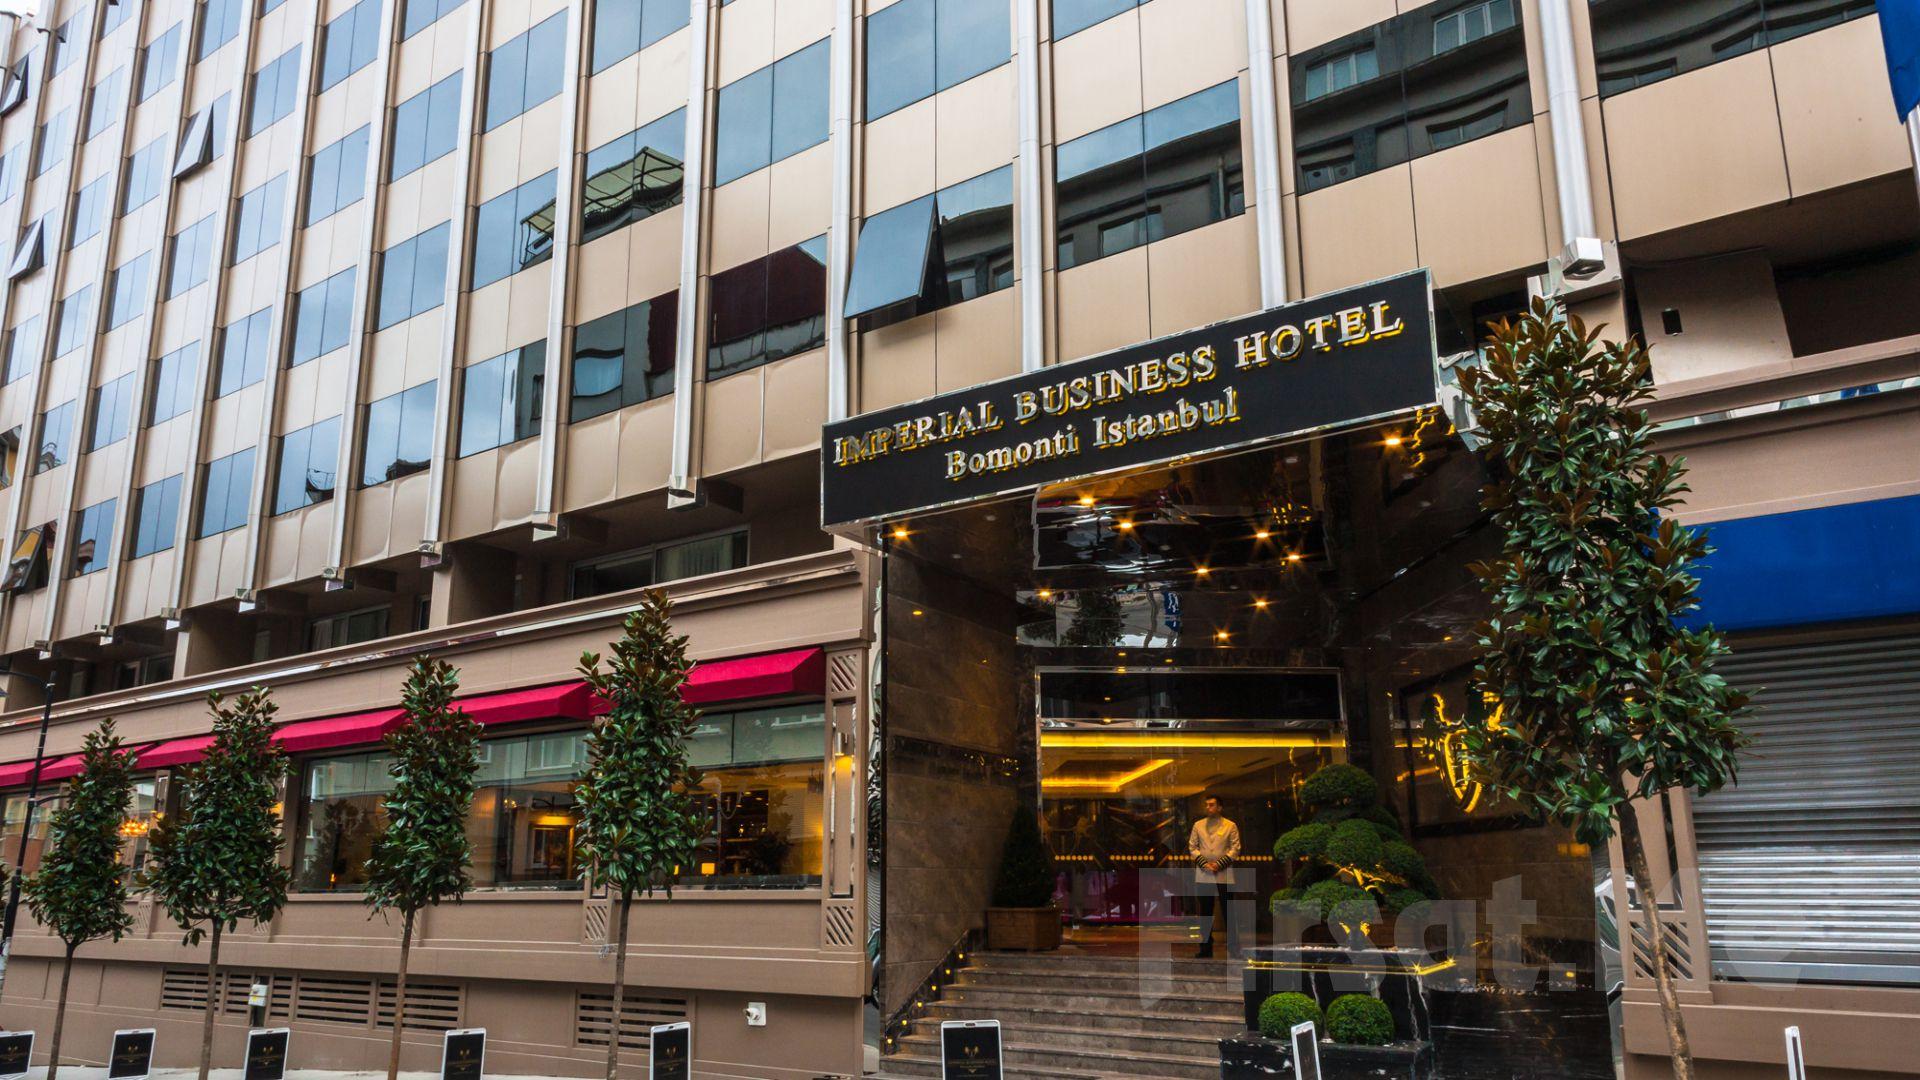 I li mercure hotel bomonti hormony spa da profesyonel for Big box hotel bomonti